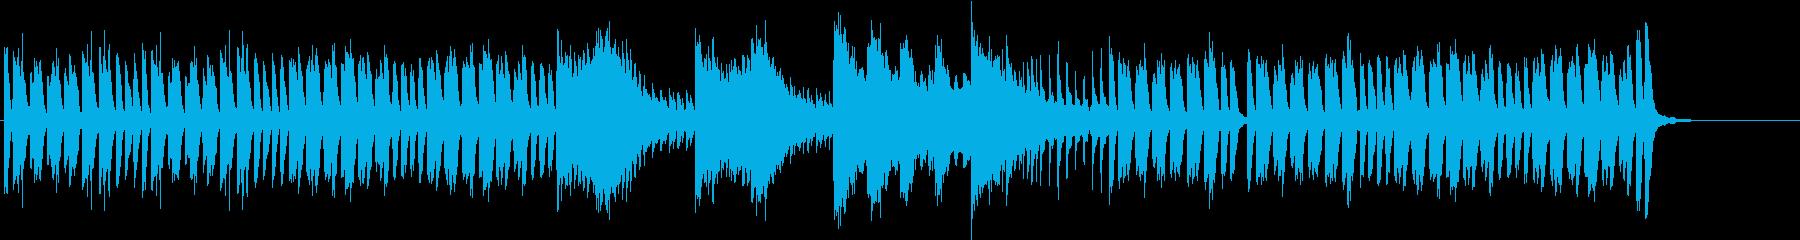 コミカルで軽快ファンタジーなピアノソロの再生済みの波形